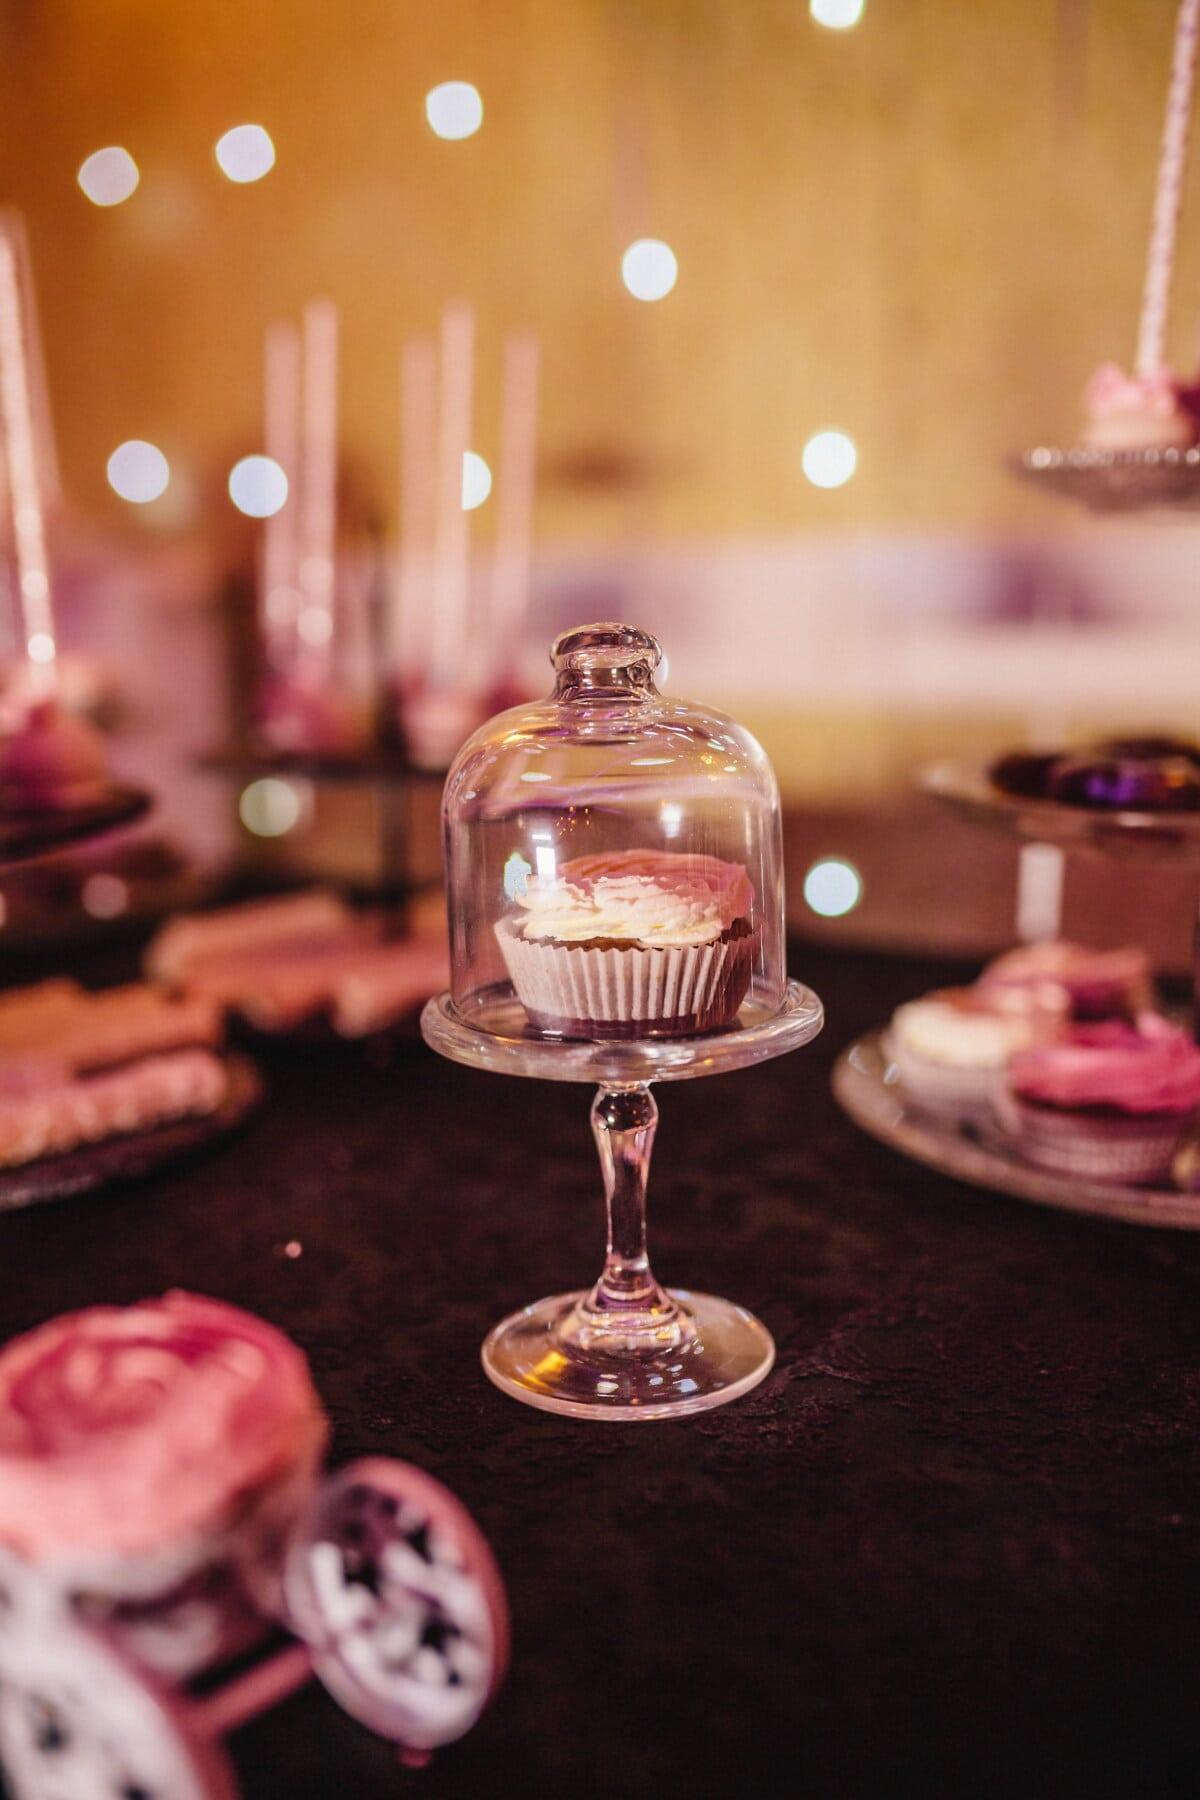 Cupcake, darunter, Glas, Kristall, Partei, Feier, Essen, drinnen, Luxus, Tabelle